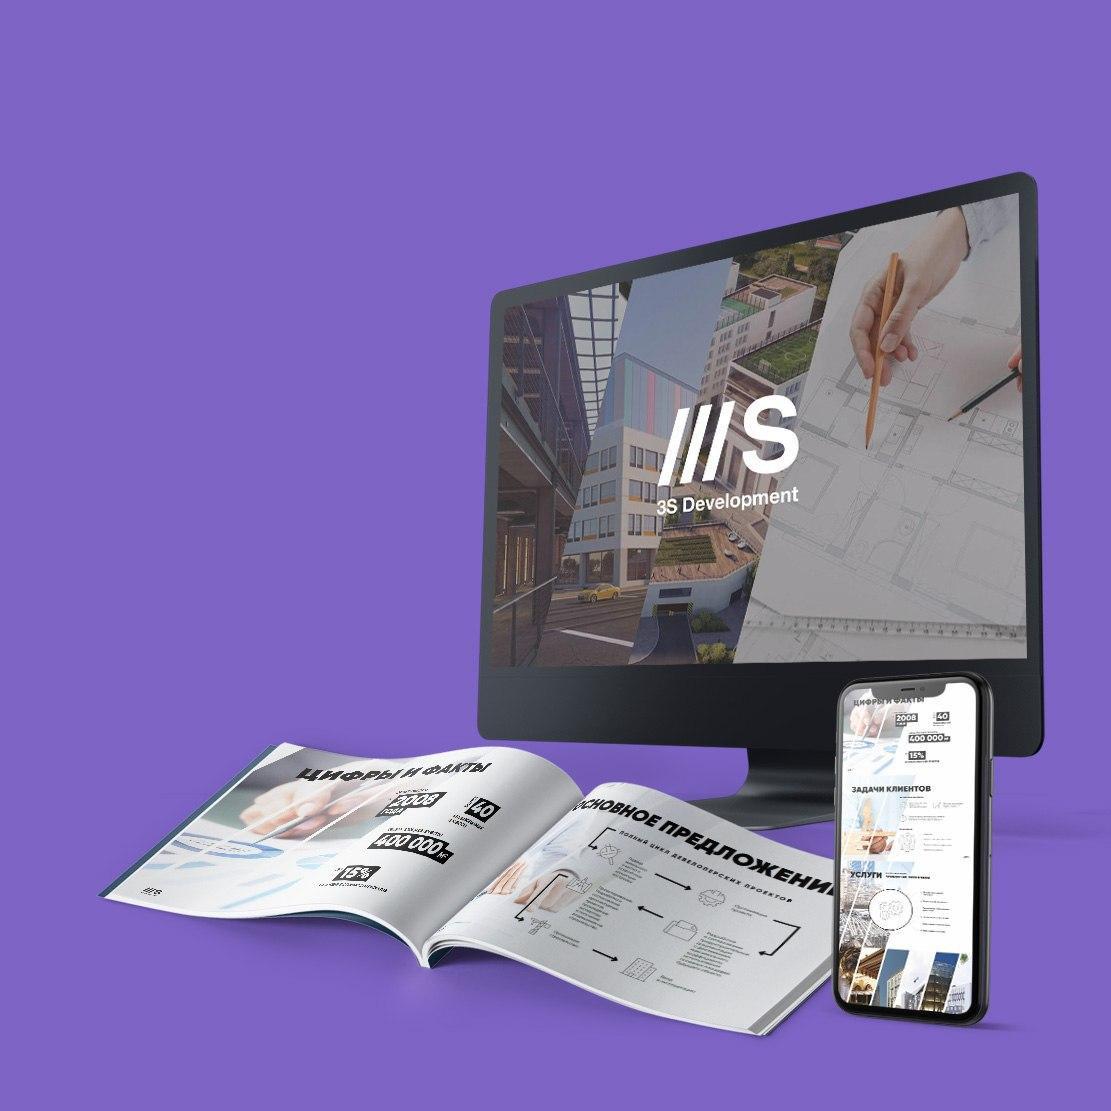 Презентация девелоперской компании 3S Development